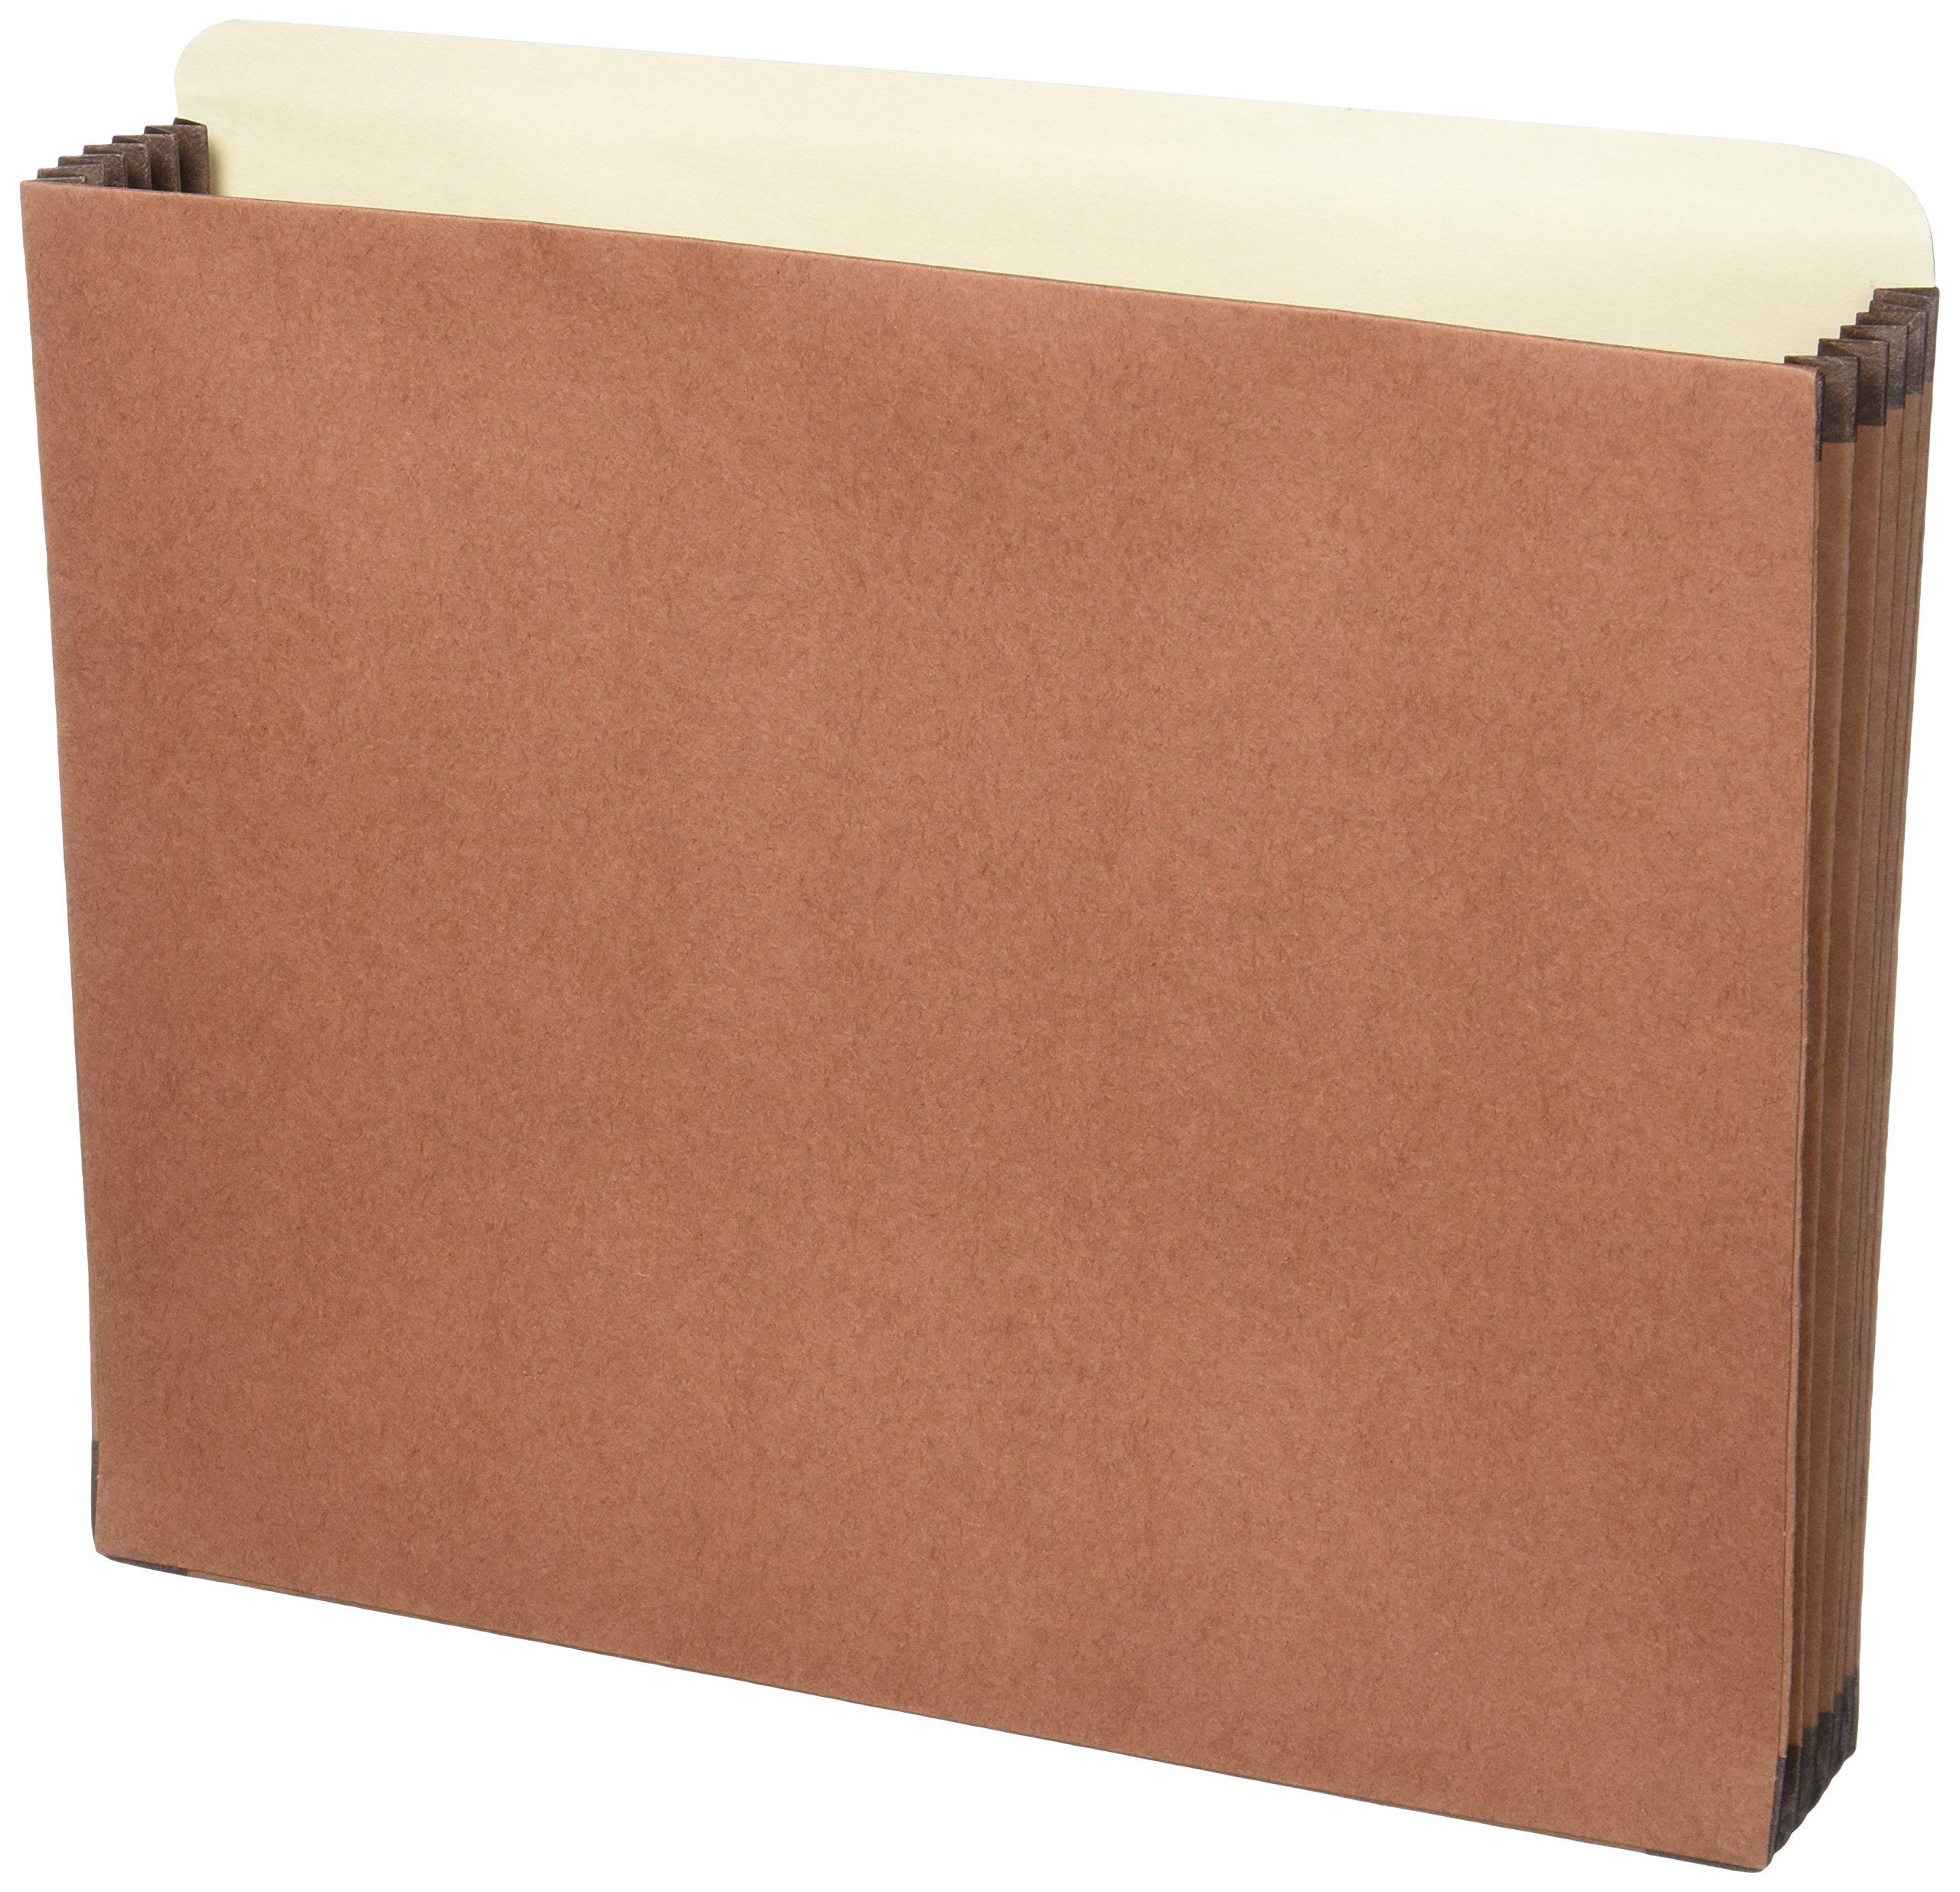 Globe Weis Heavy-Duty Letter File Cabinet Pockets (GLWFC1534G)